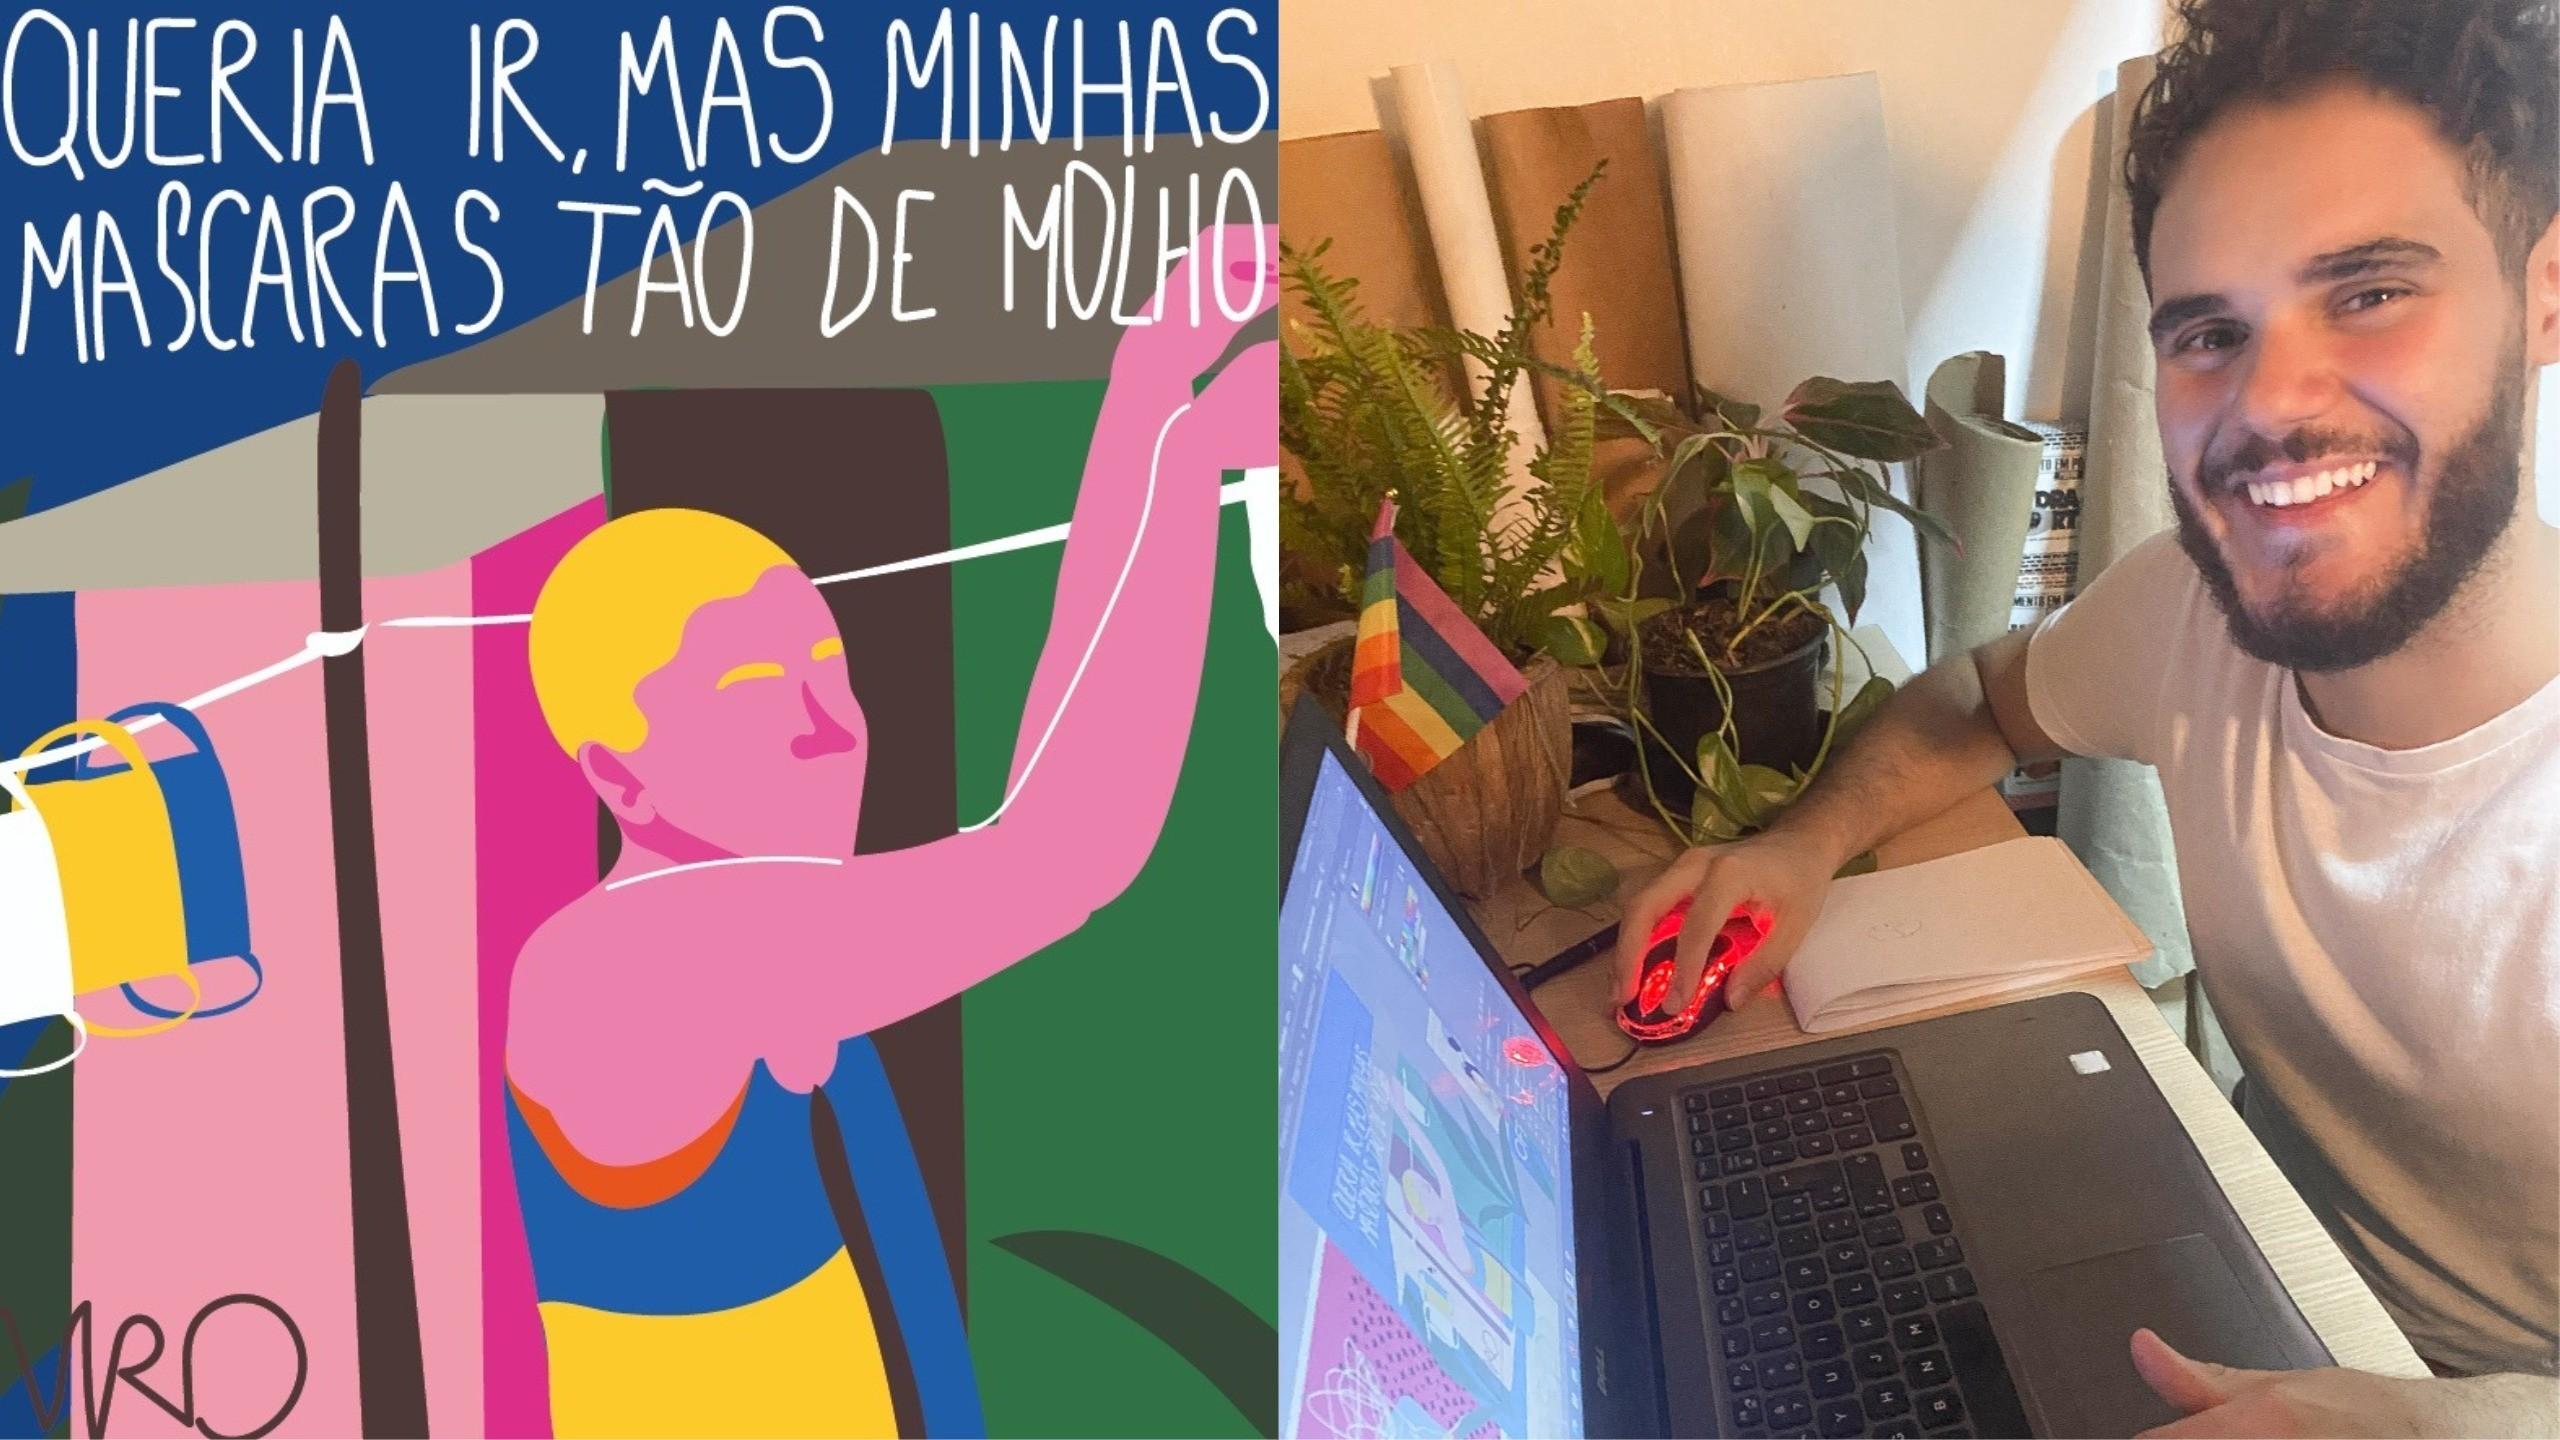 'Gosto de desenhar momentos', diz artista cearense que cria ilustrações sobre a pandemia